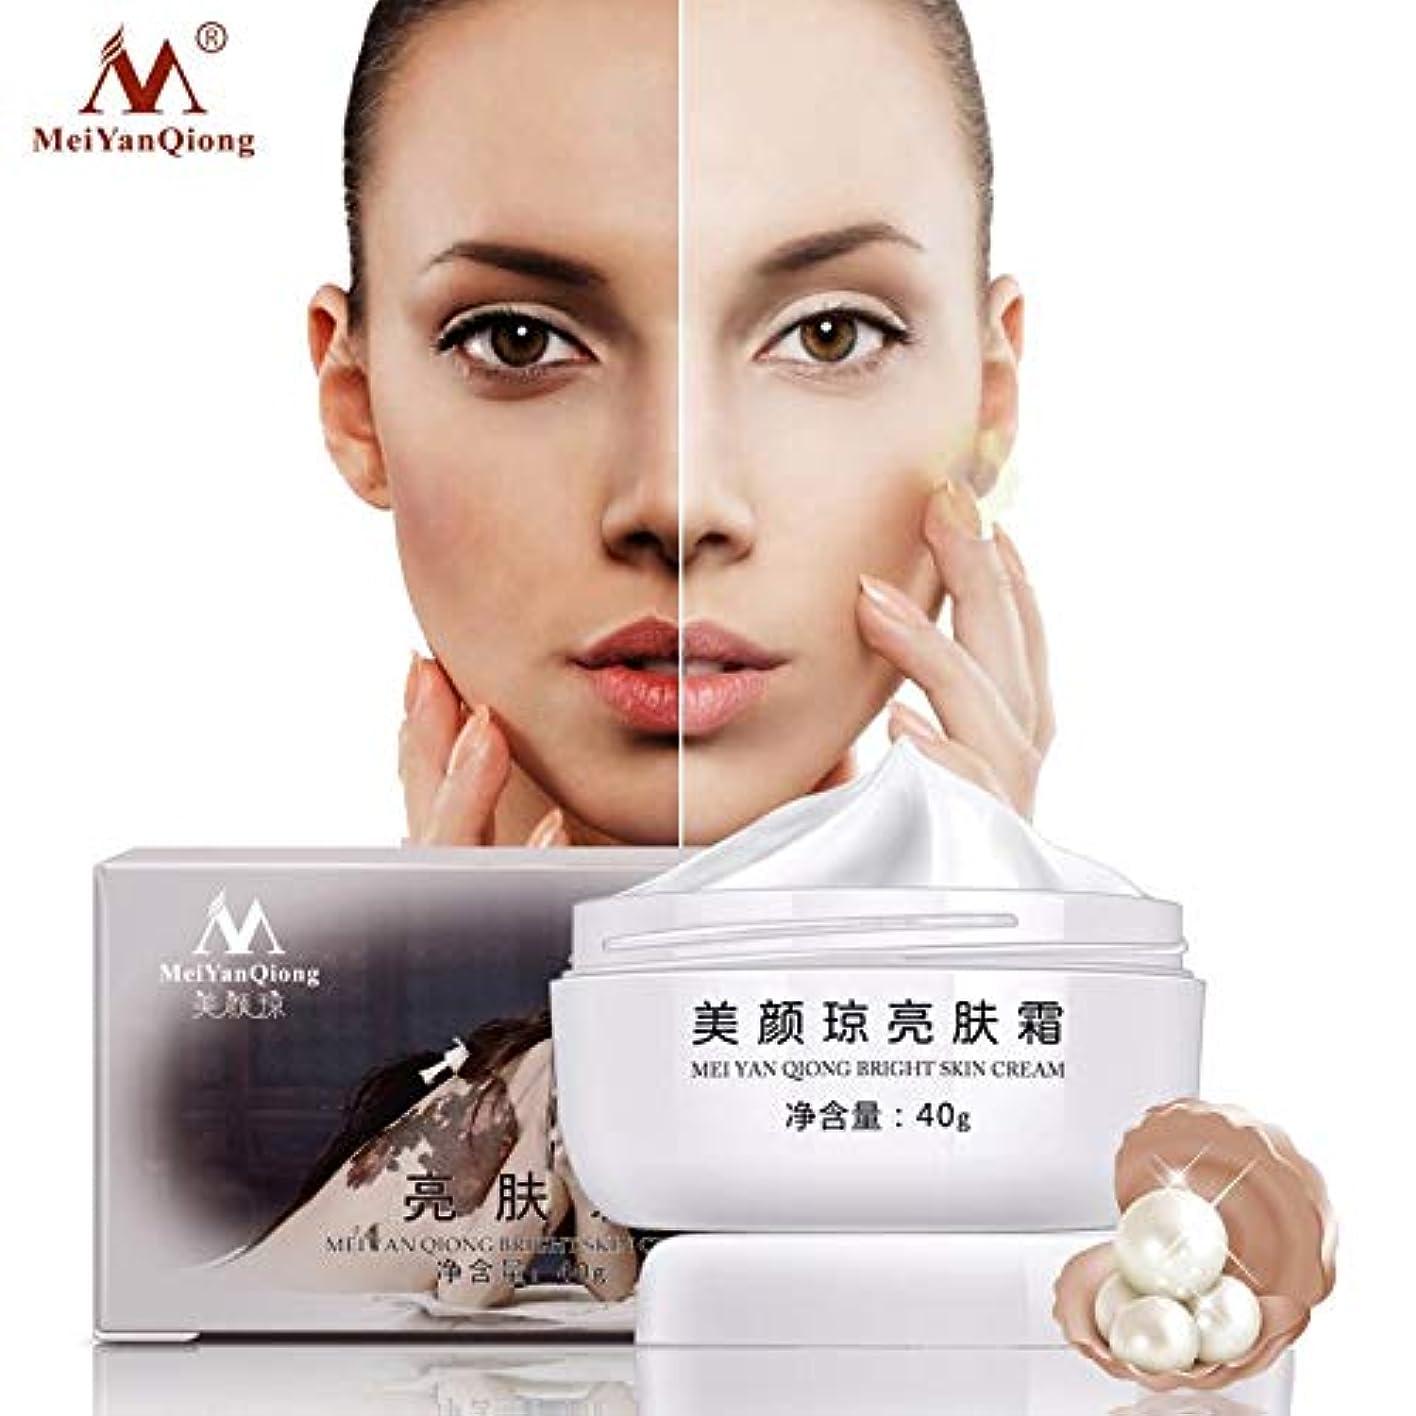 チーフ例ベッドを作るMeiyanqiongフェイスケアクリームダークスポットリムーバーライトニングクリームダークケアアンチそばかす寧クリーム